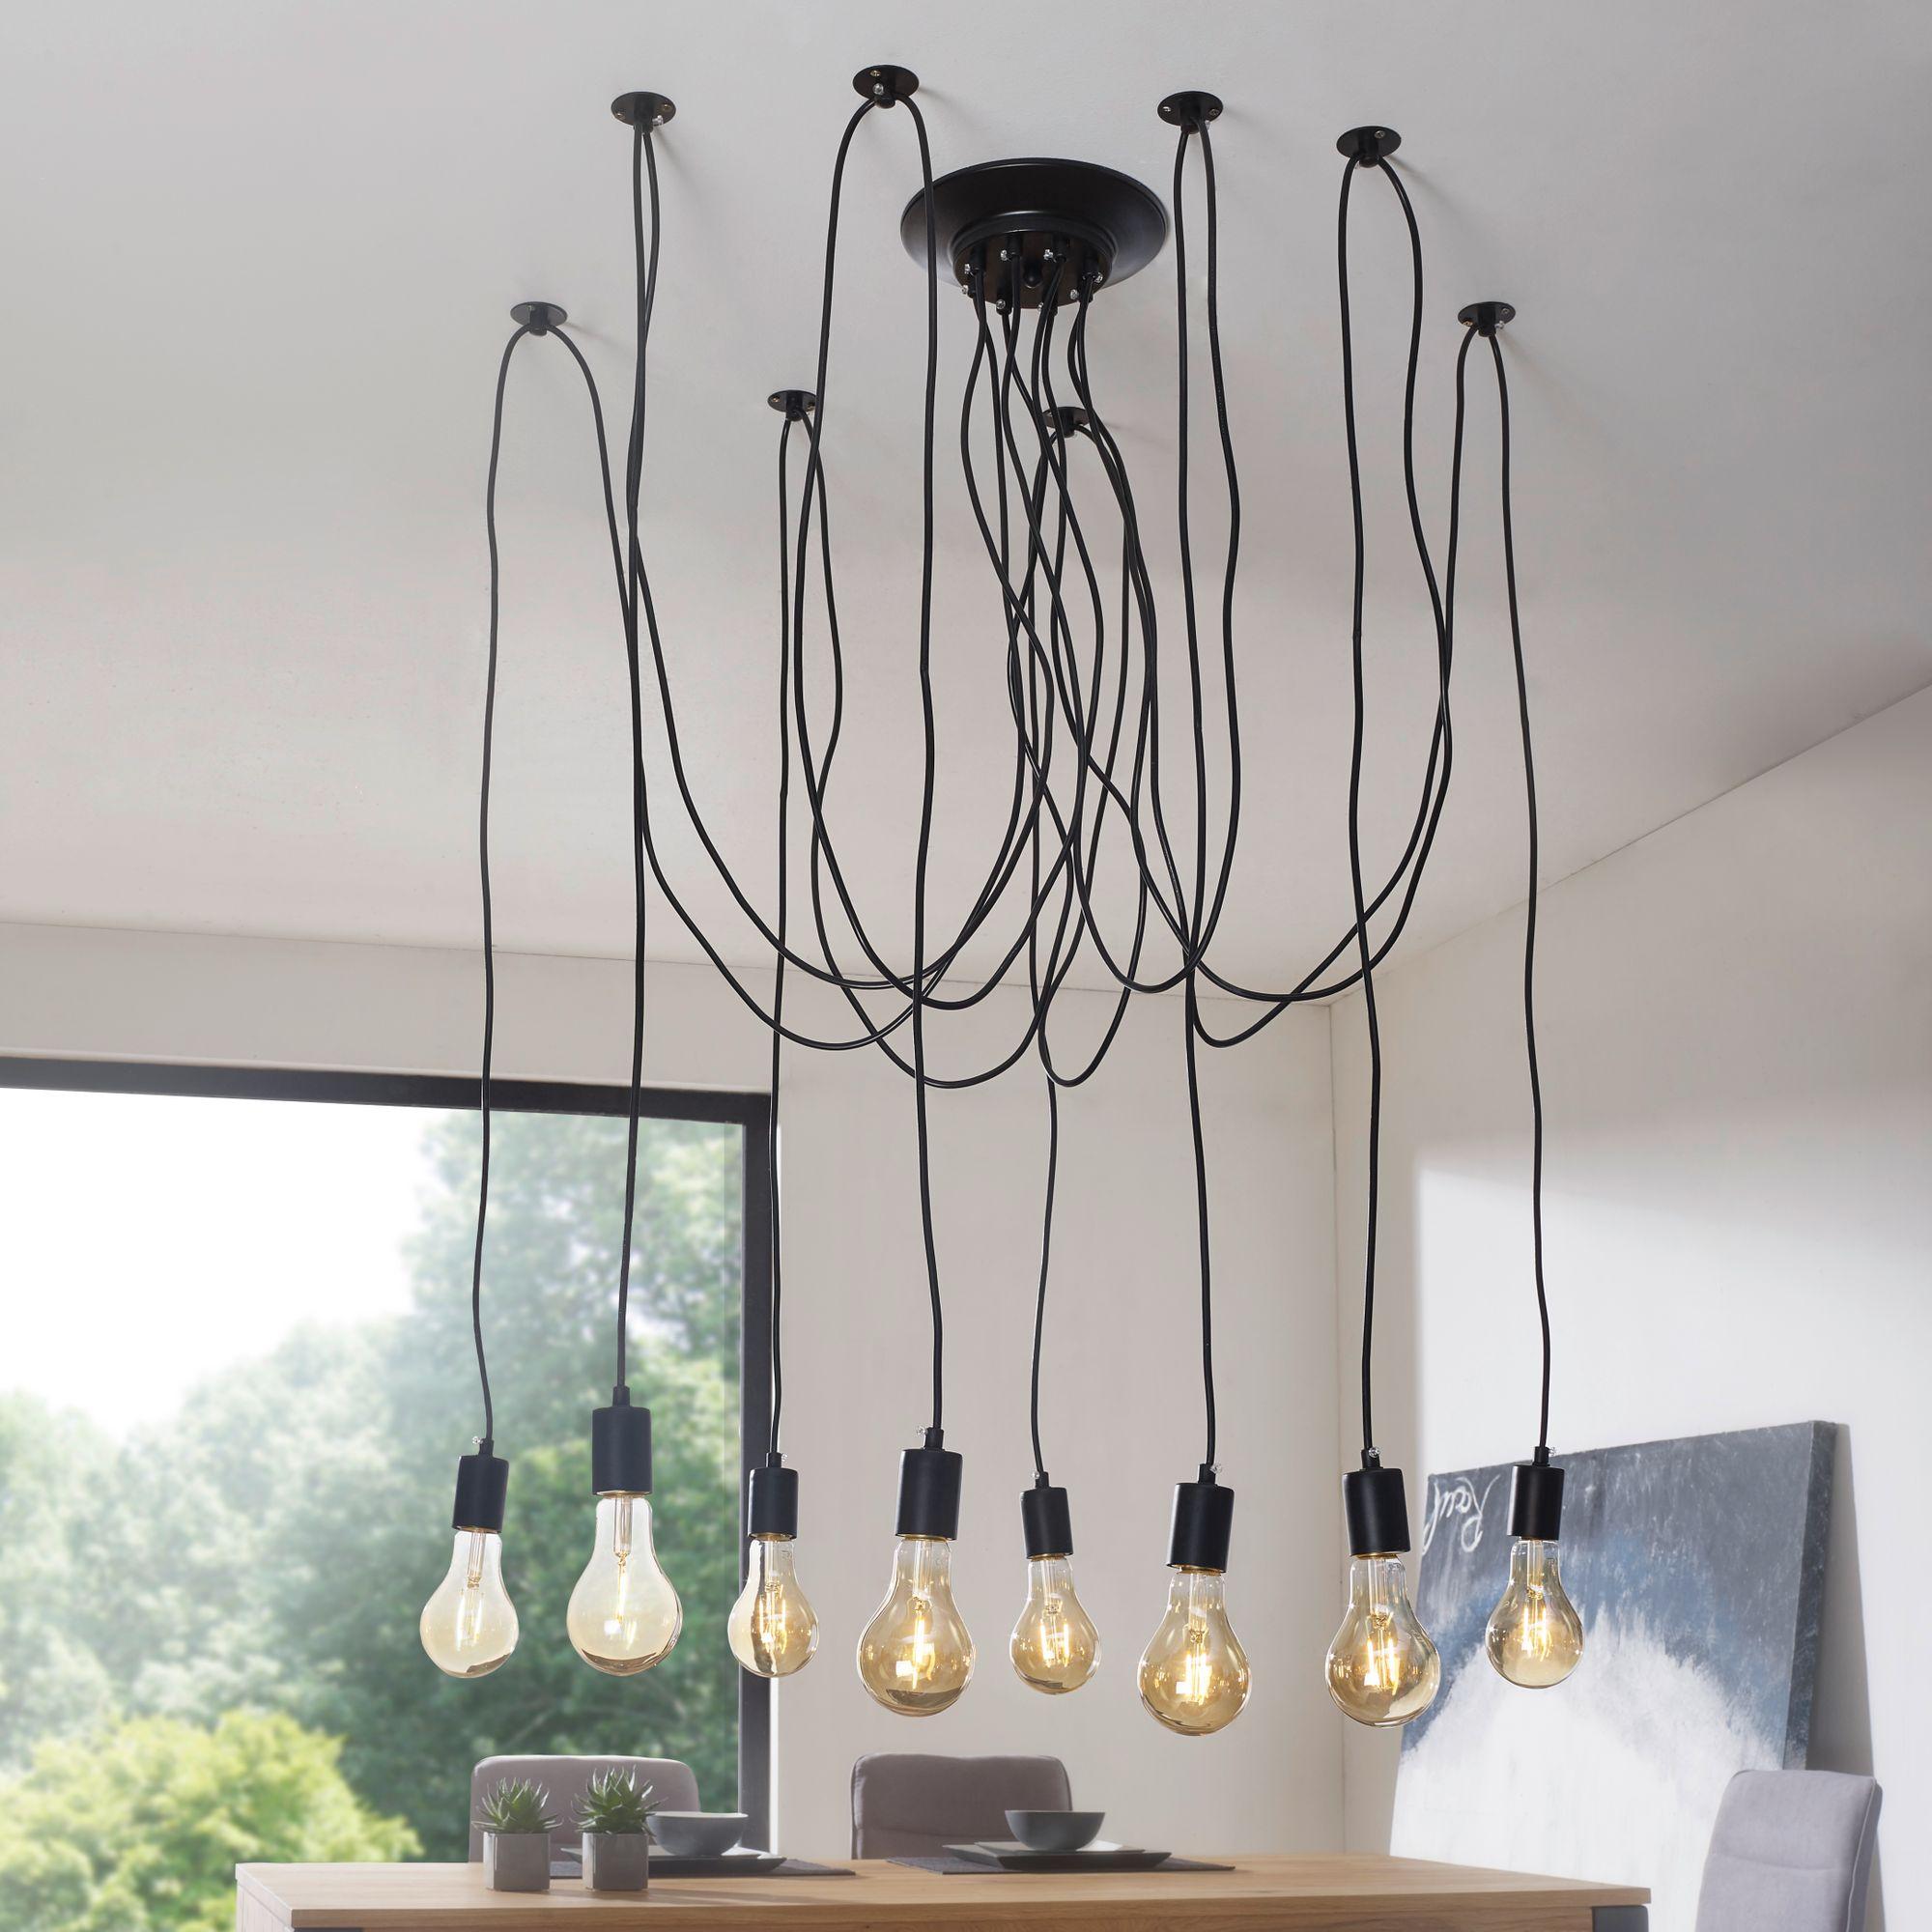 FineBuy Industrial Deckenleuchte LEDYA 8 Flammig Pendelleuchte Schwarz |  Industrie Lampe Esstisch | Hängelampe